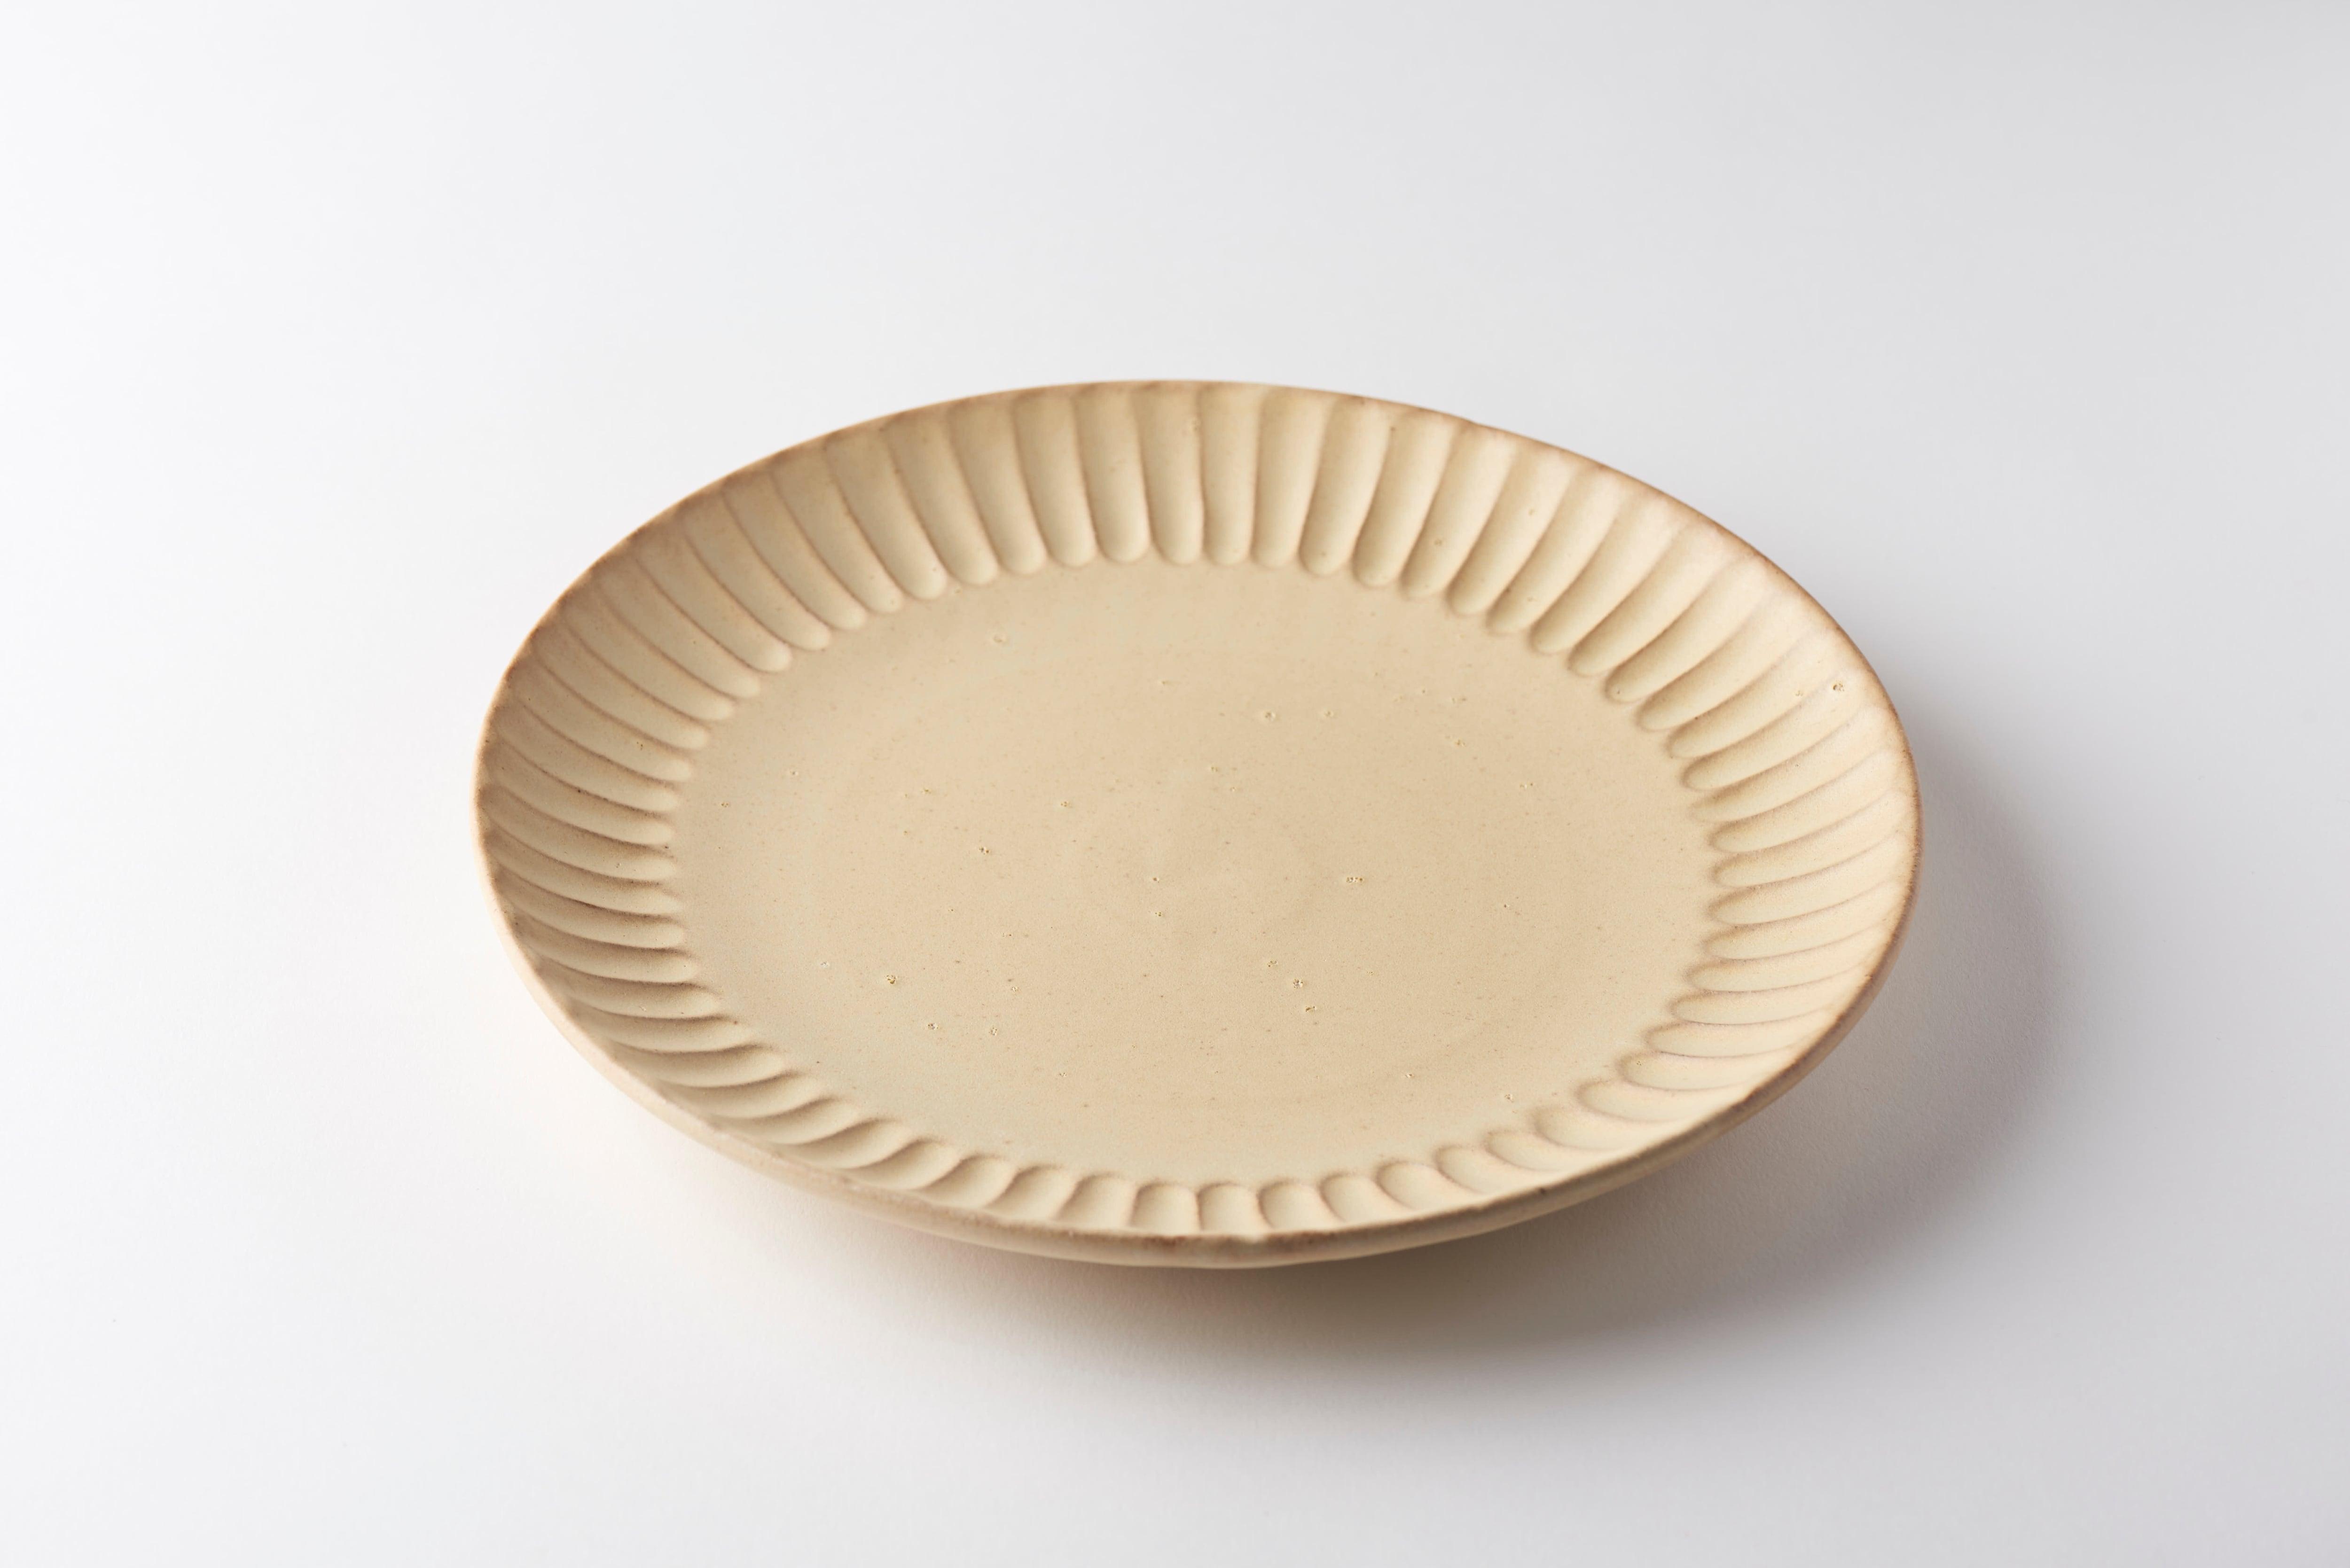 太しのぎ8寸皿(クリーム)